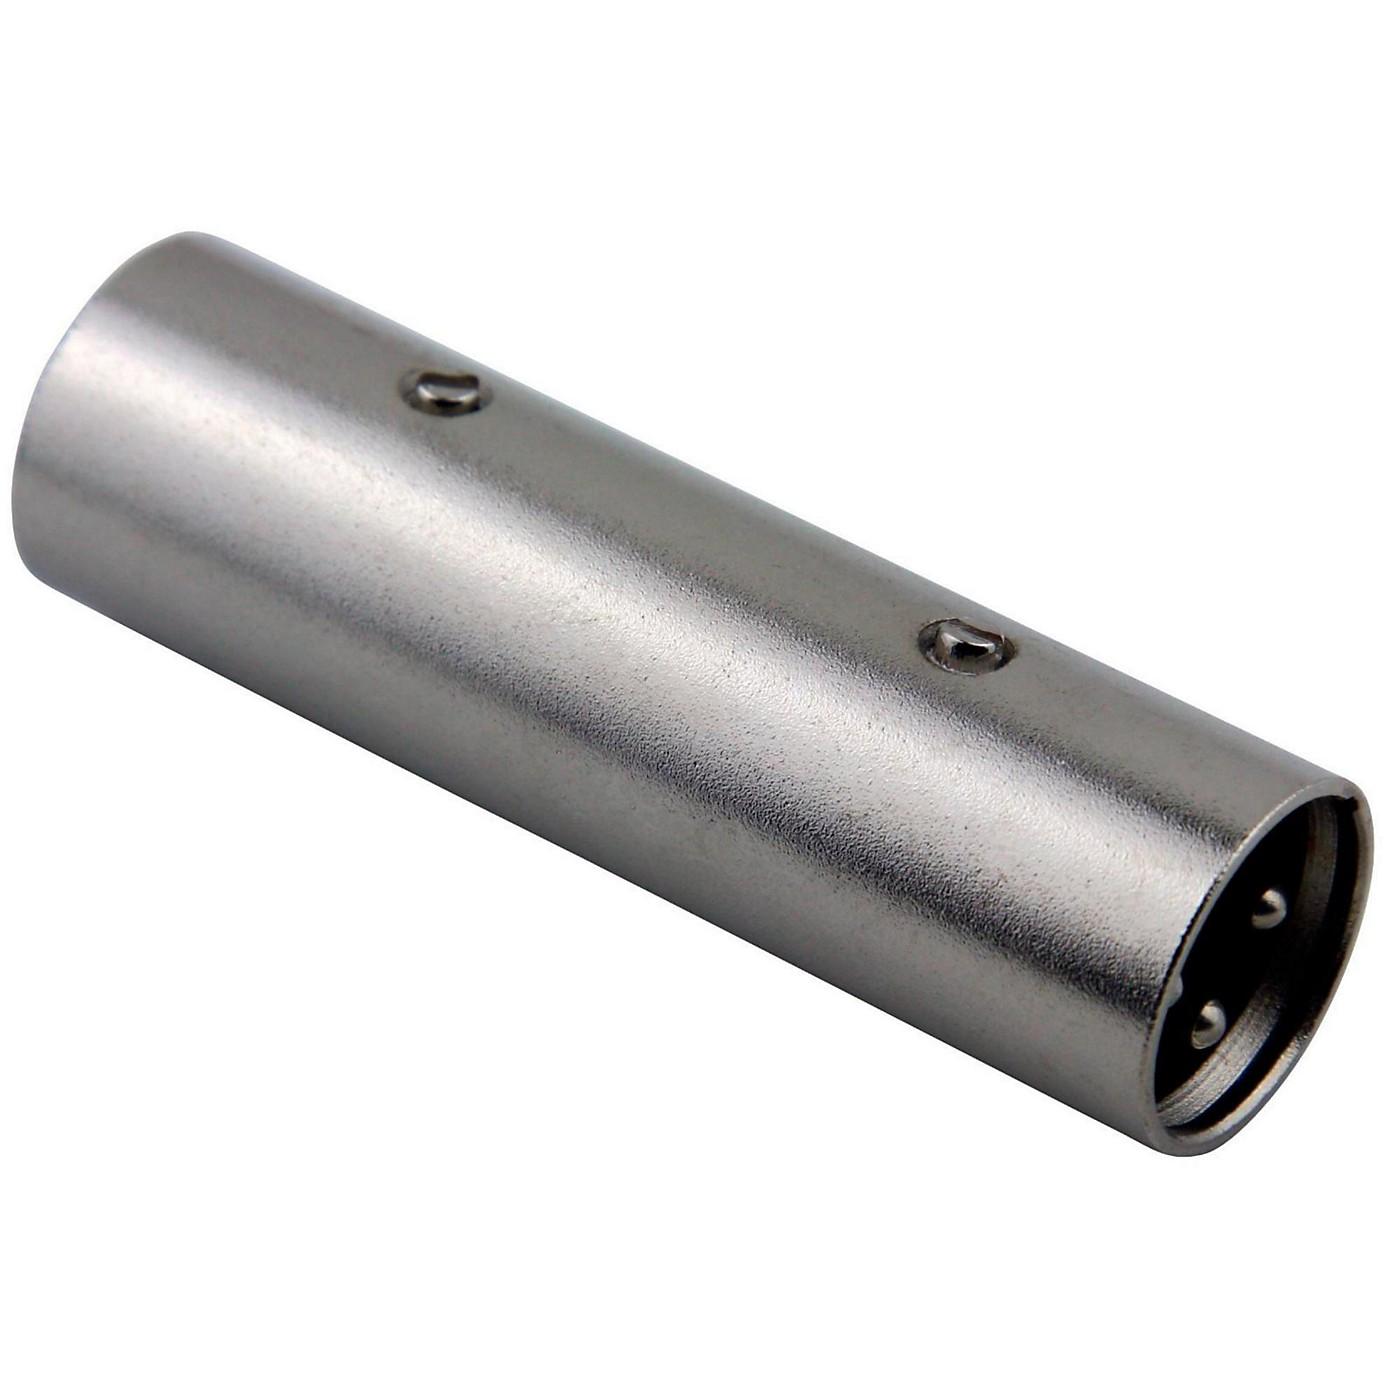 Pig Hog Solutions XLR(M) to XLR(M) Balanced Adapter thumbnail